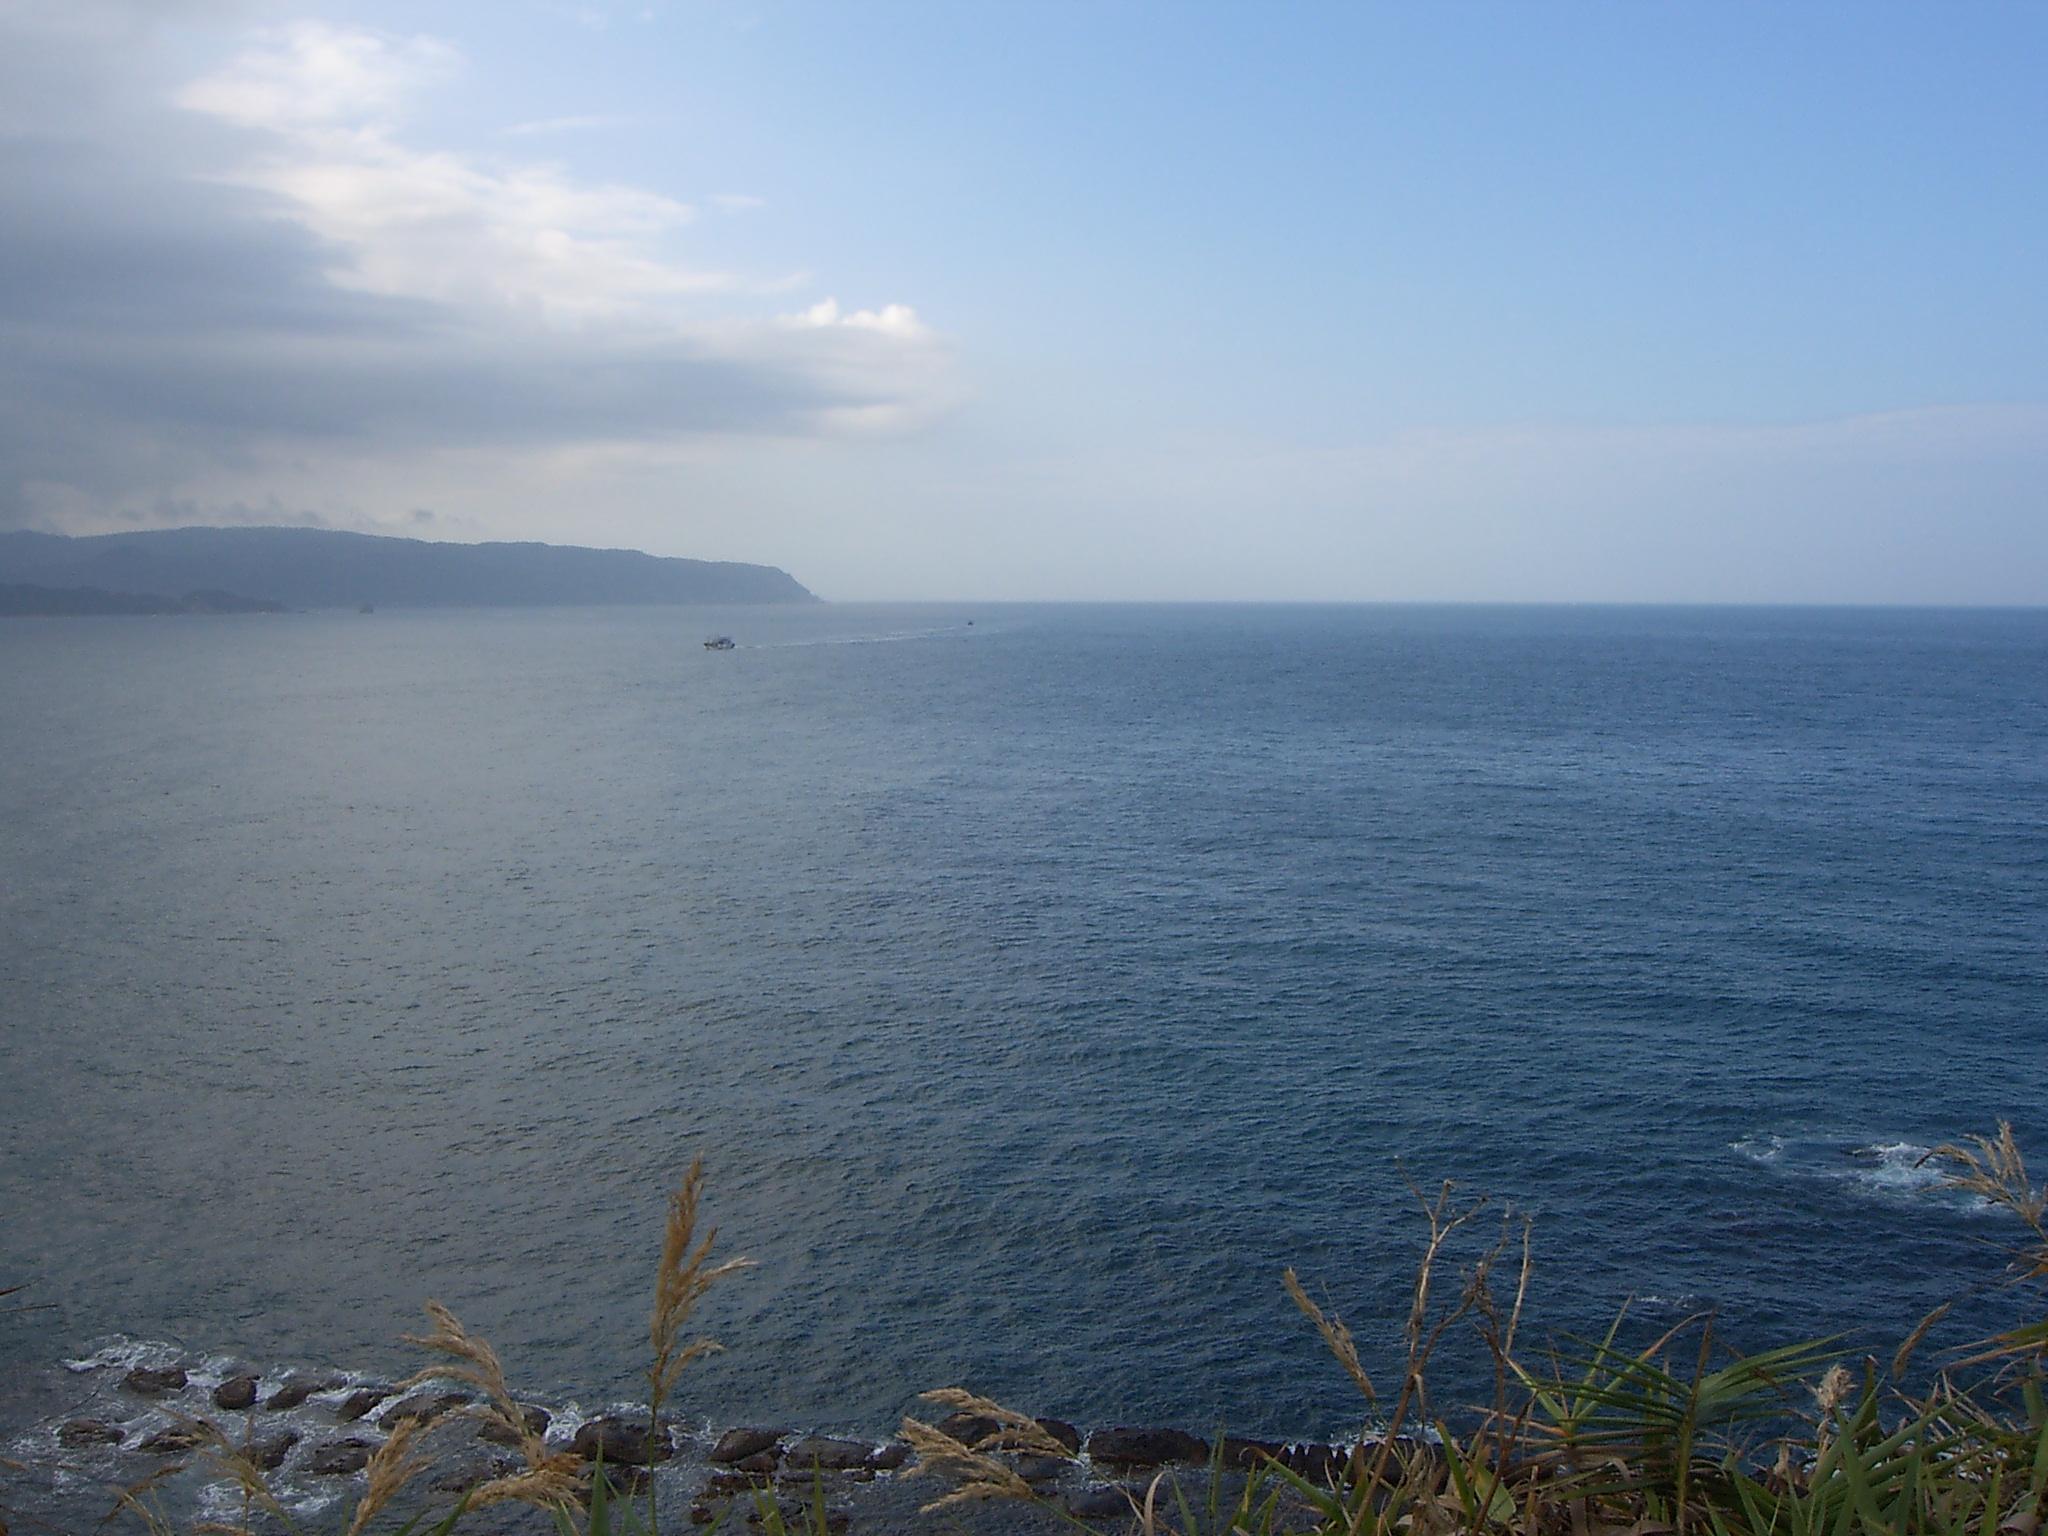 View of South China Sea.jpg